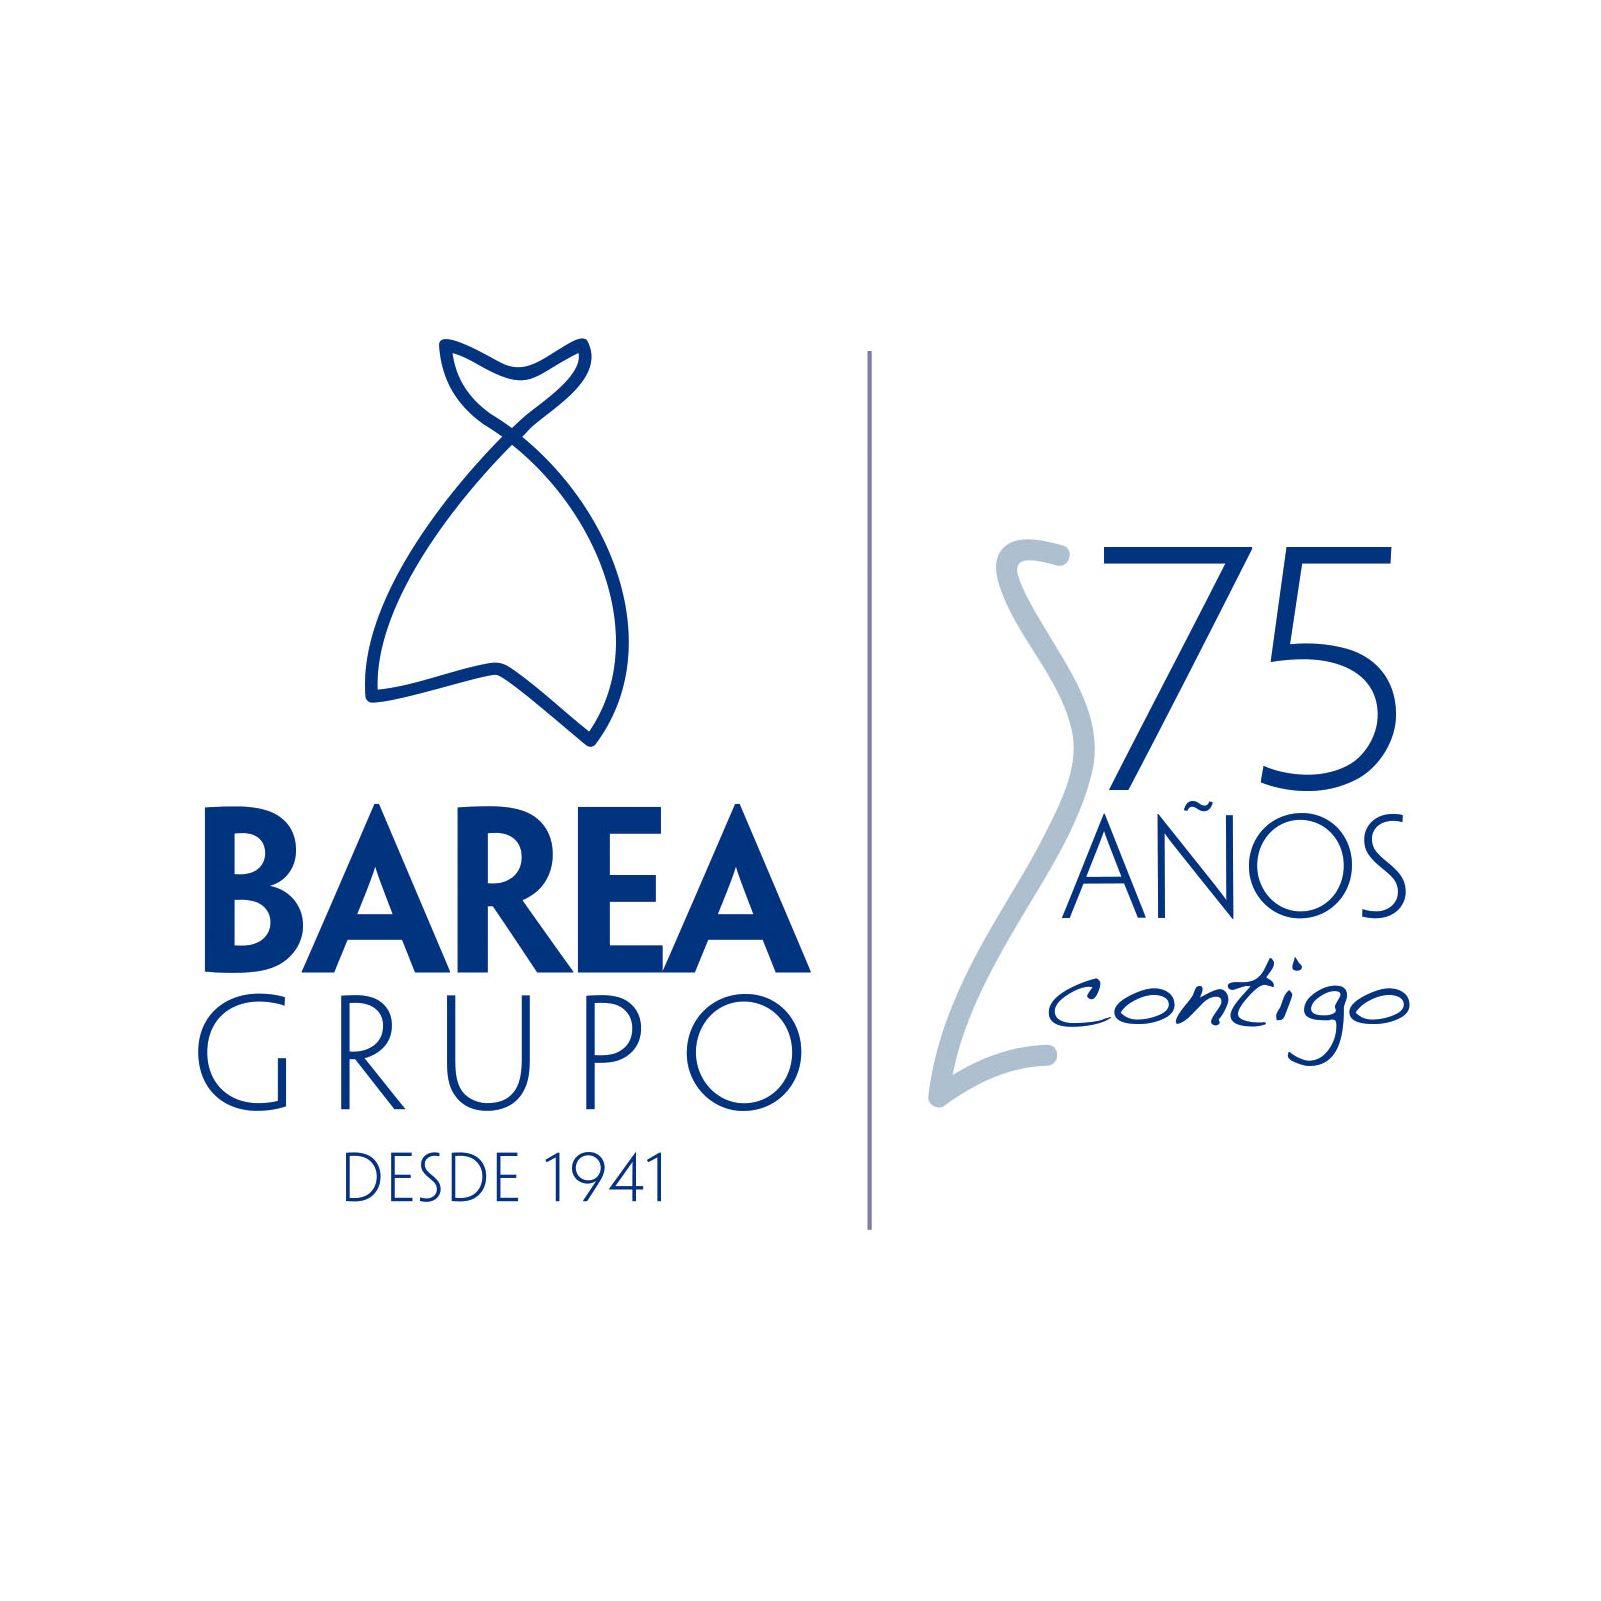 barea_grupo_75_aniversario_marca_logotipo_textura_design